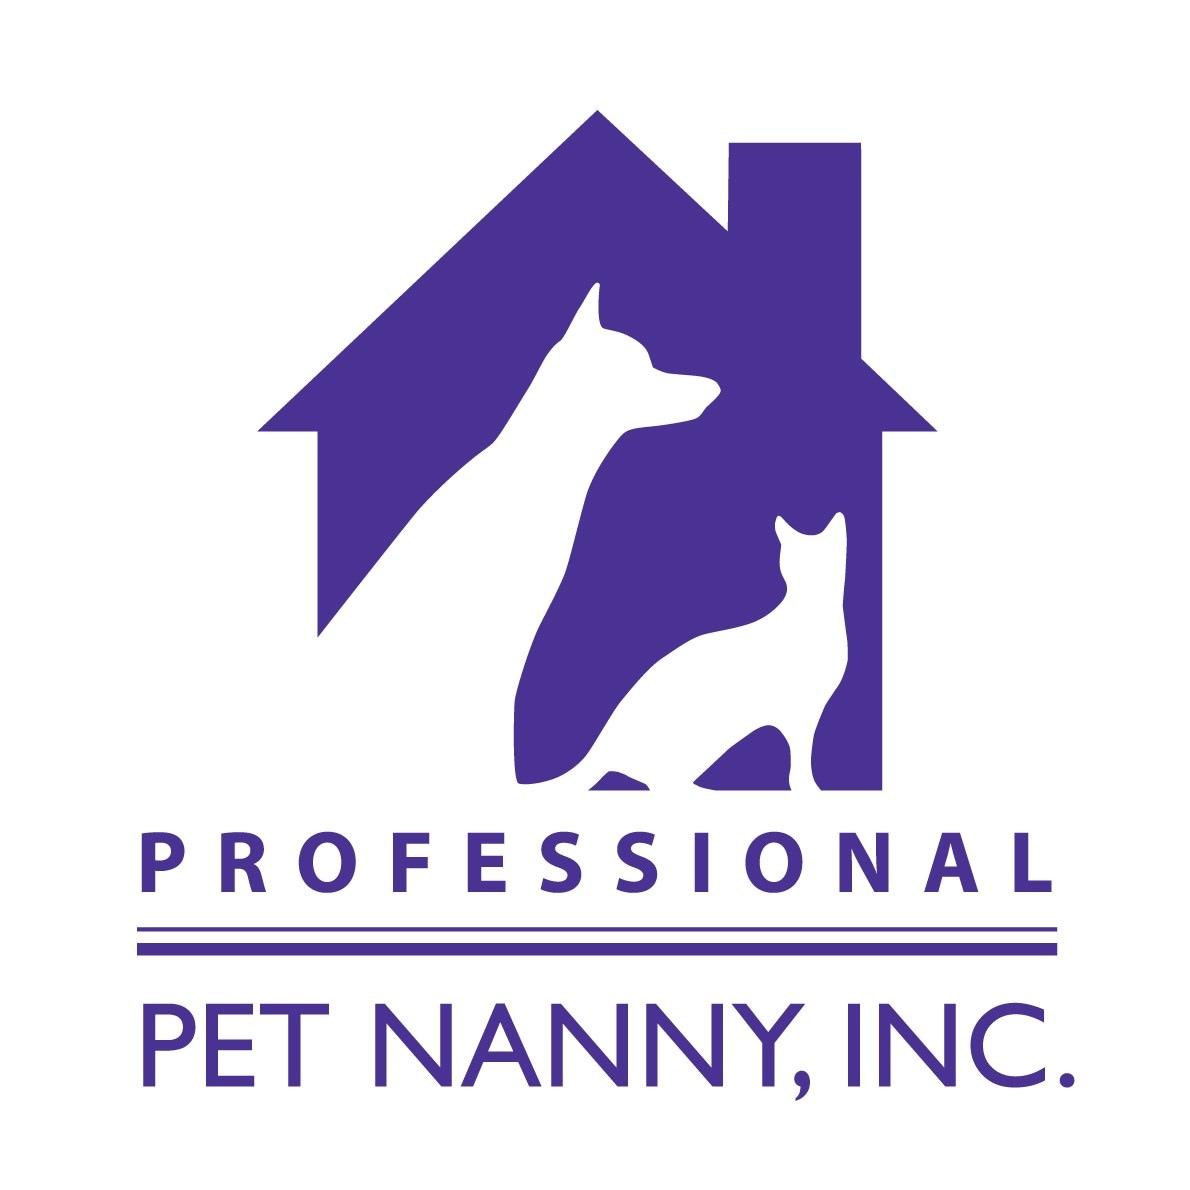 Professional Pet Nanny Inc